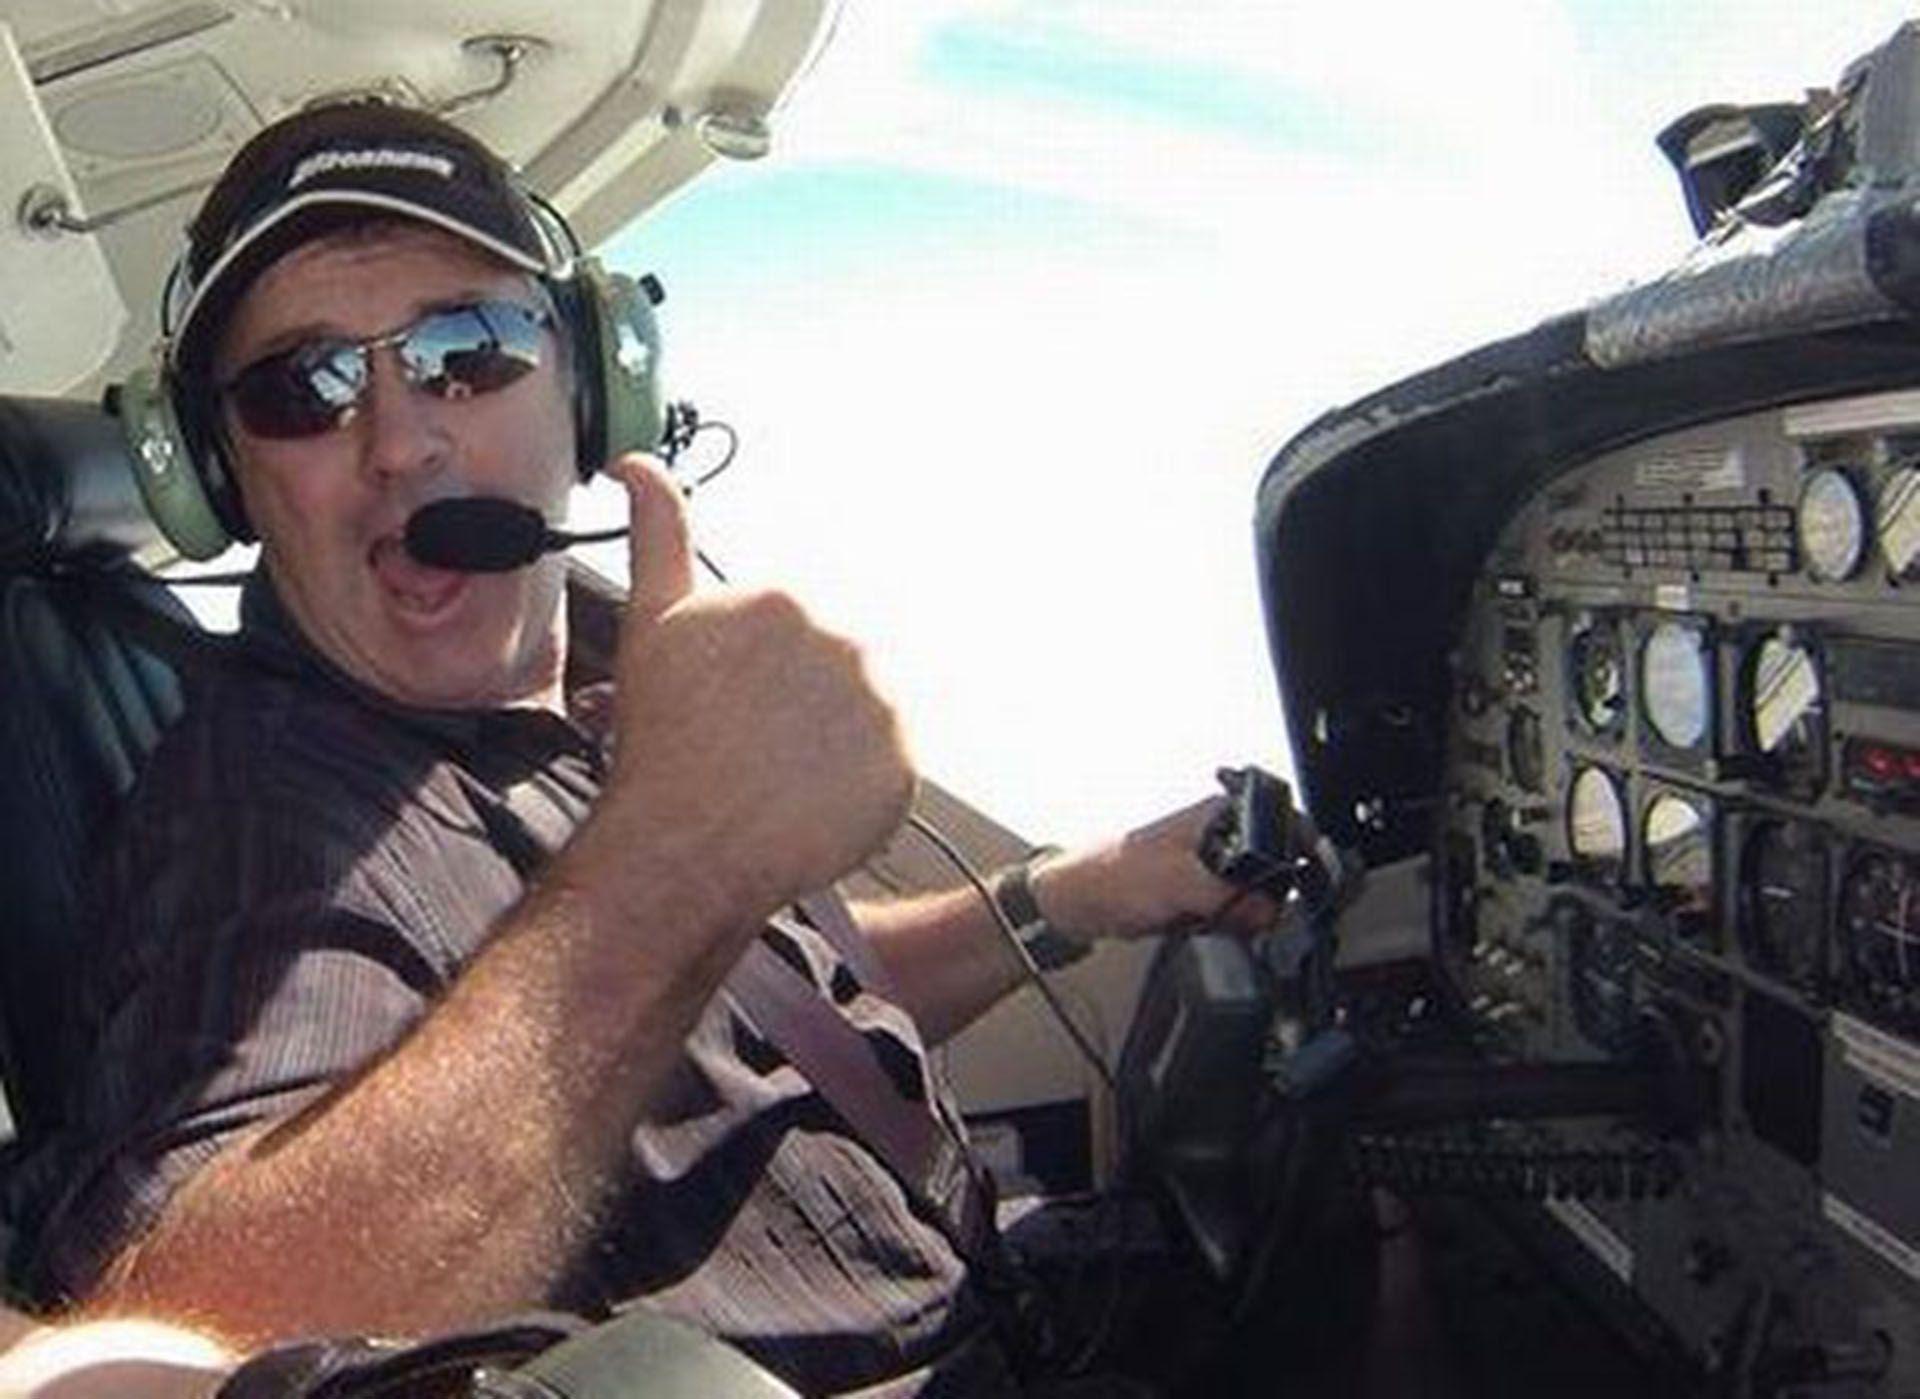 Dave Ibbotson no estaba familiarizado con el modo de piloto automático de la aeronave desde su última renovación de licencia en 2017 (Grimsby Live)